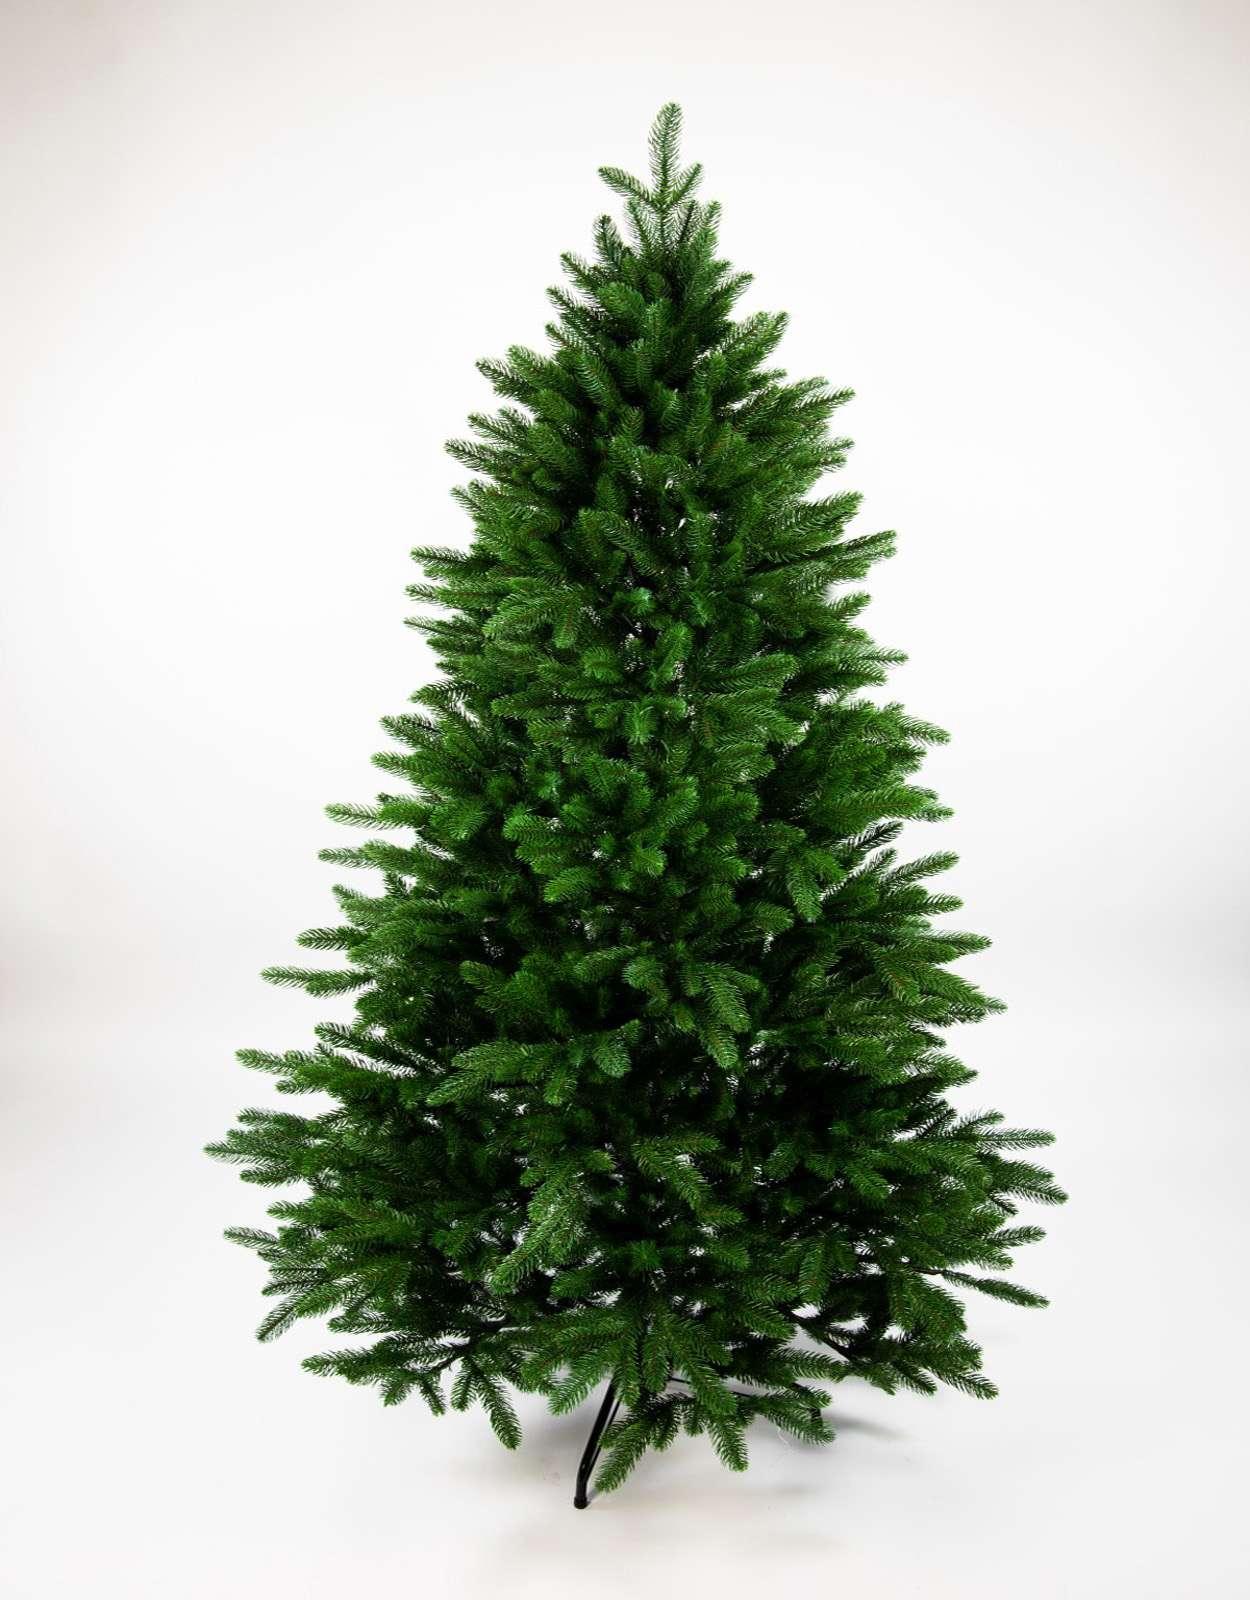 Weihnachtsbaum Künstlich Aussen.Nordmanntanne 210cm Ls Künstlicher Weihnachtsbaum Tannenbaum Kunststanne Kunststoff Spritzguss